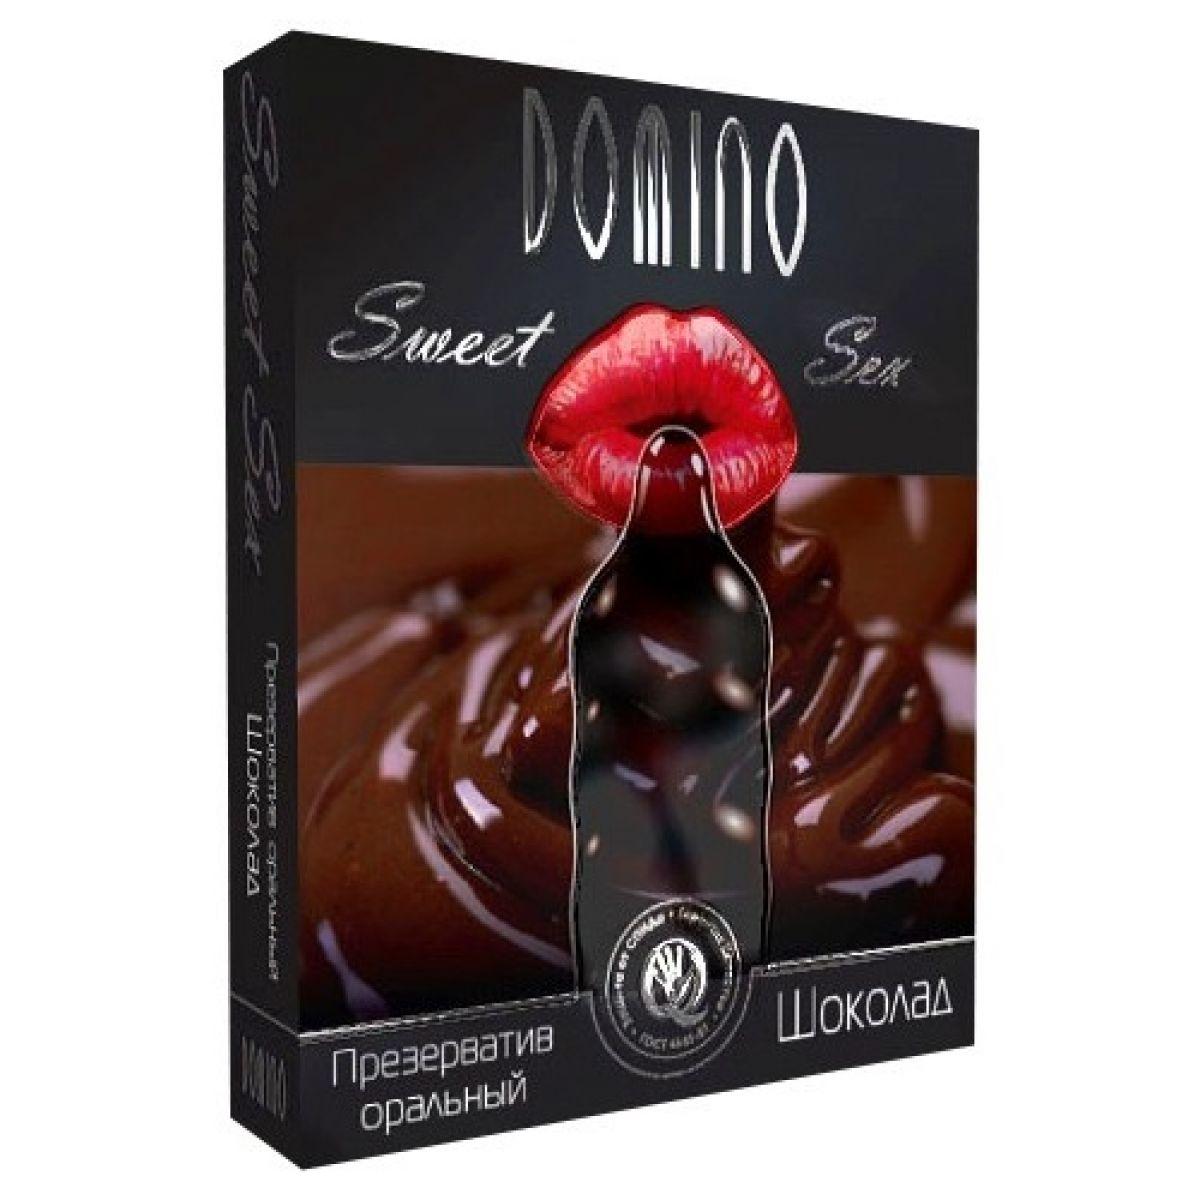 Оральные презервативы Domino Sweet Sex Шоколад